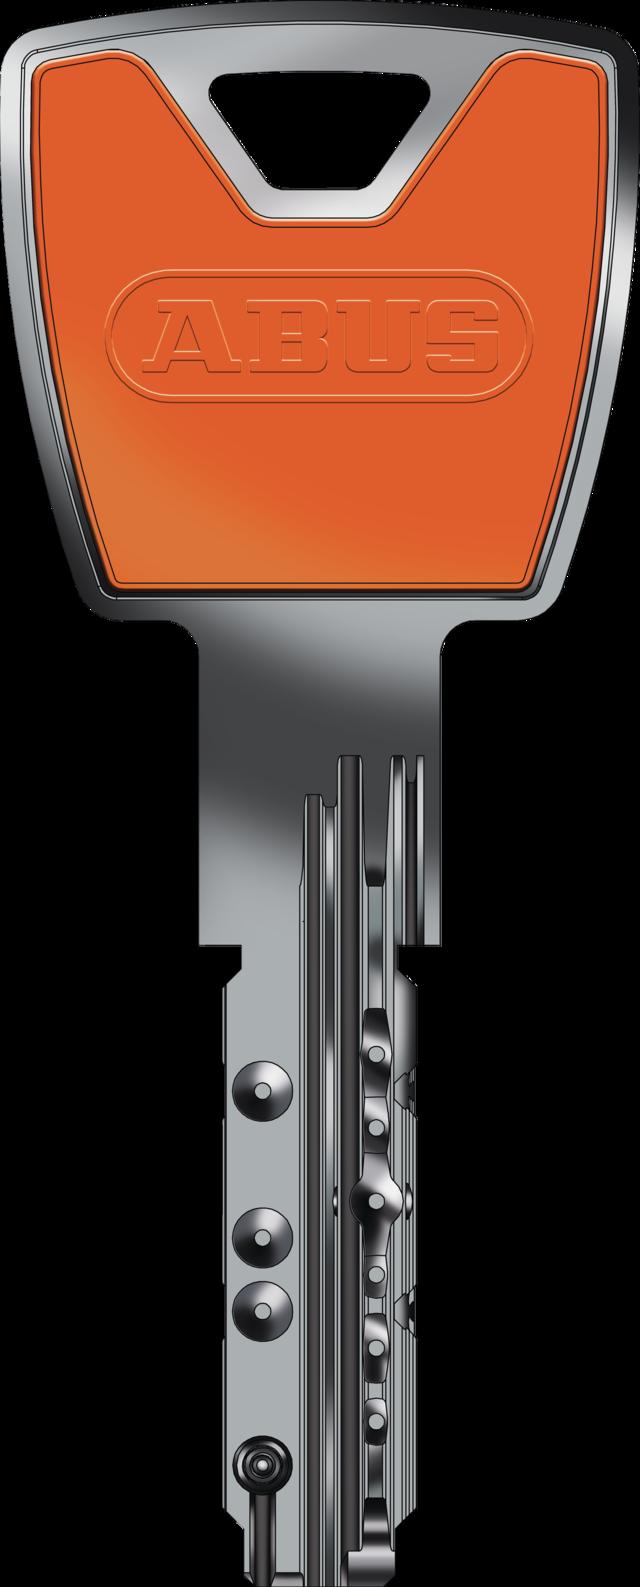 Schlüssel in orange - eine von zwölf Farbvarianten